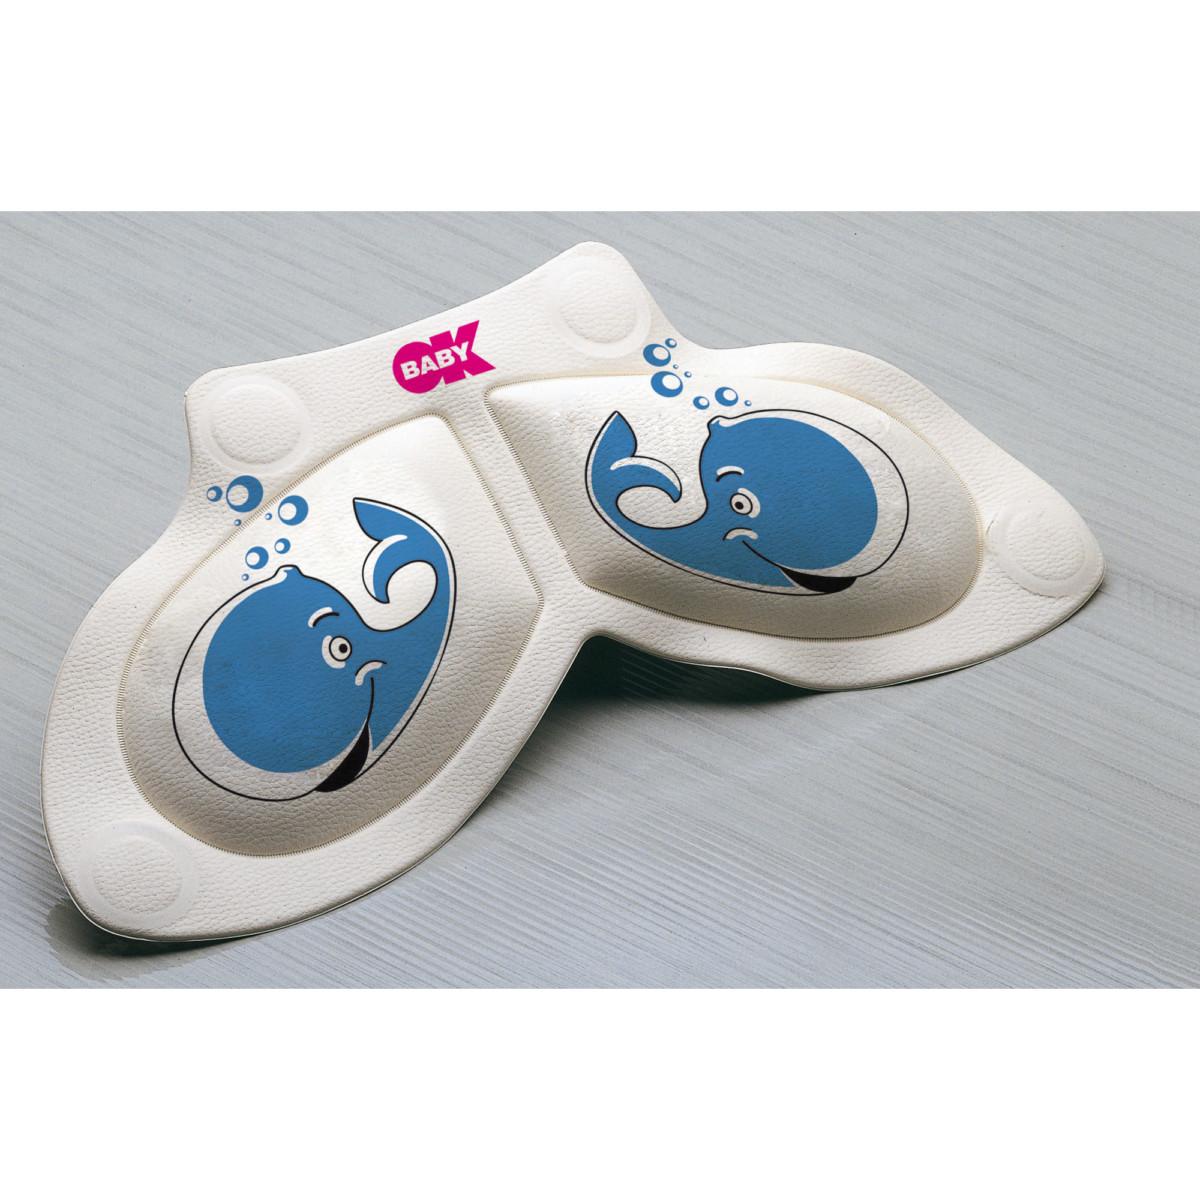 Repose genoux Moby Pad de OK Baby, Accessoires de bain : Aubert